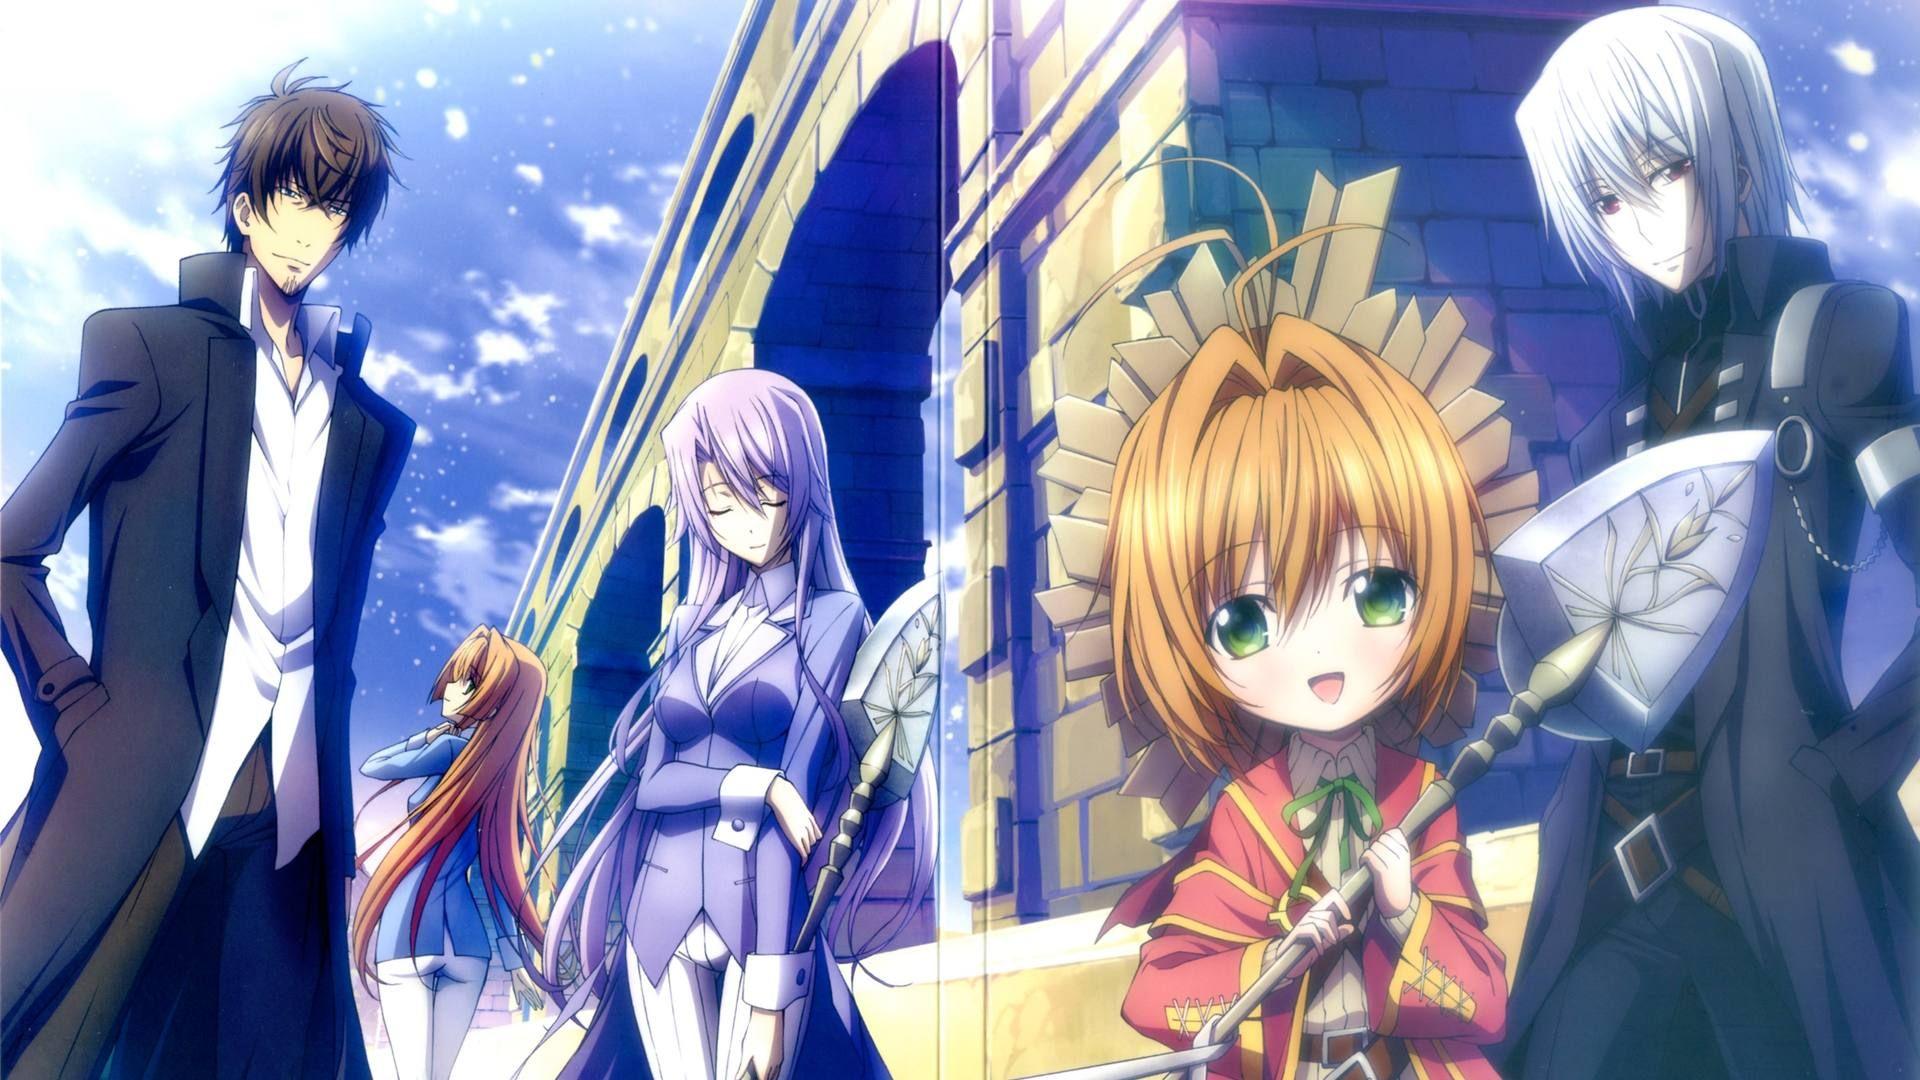 3aebca940e335555e8e5695a2aaf6e52 - Dram Anime Önerileri - Figurex Anime Önerileri